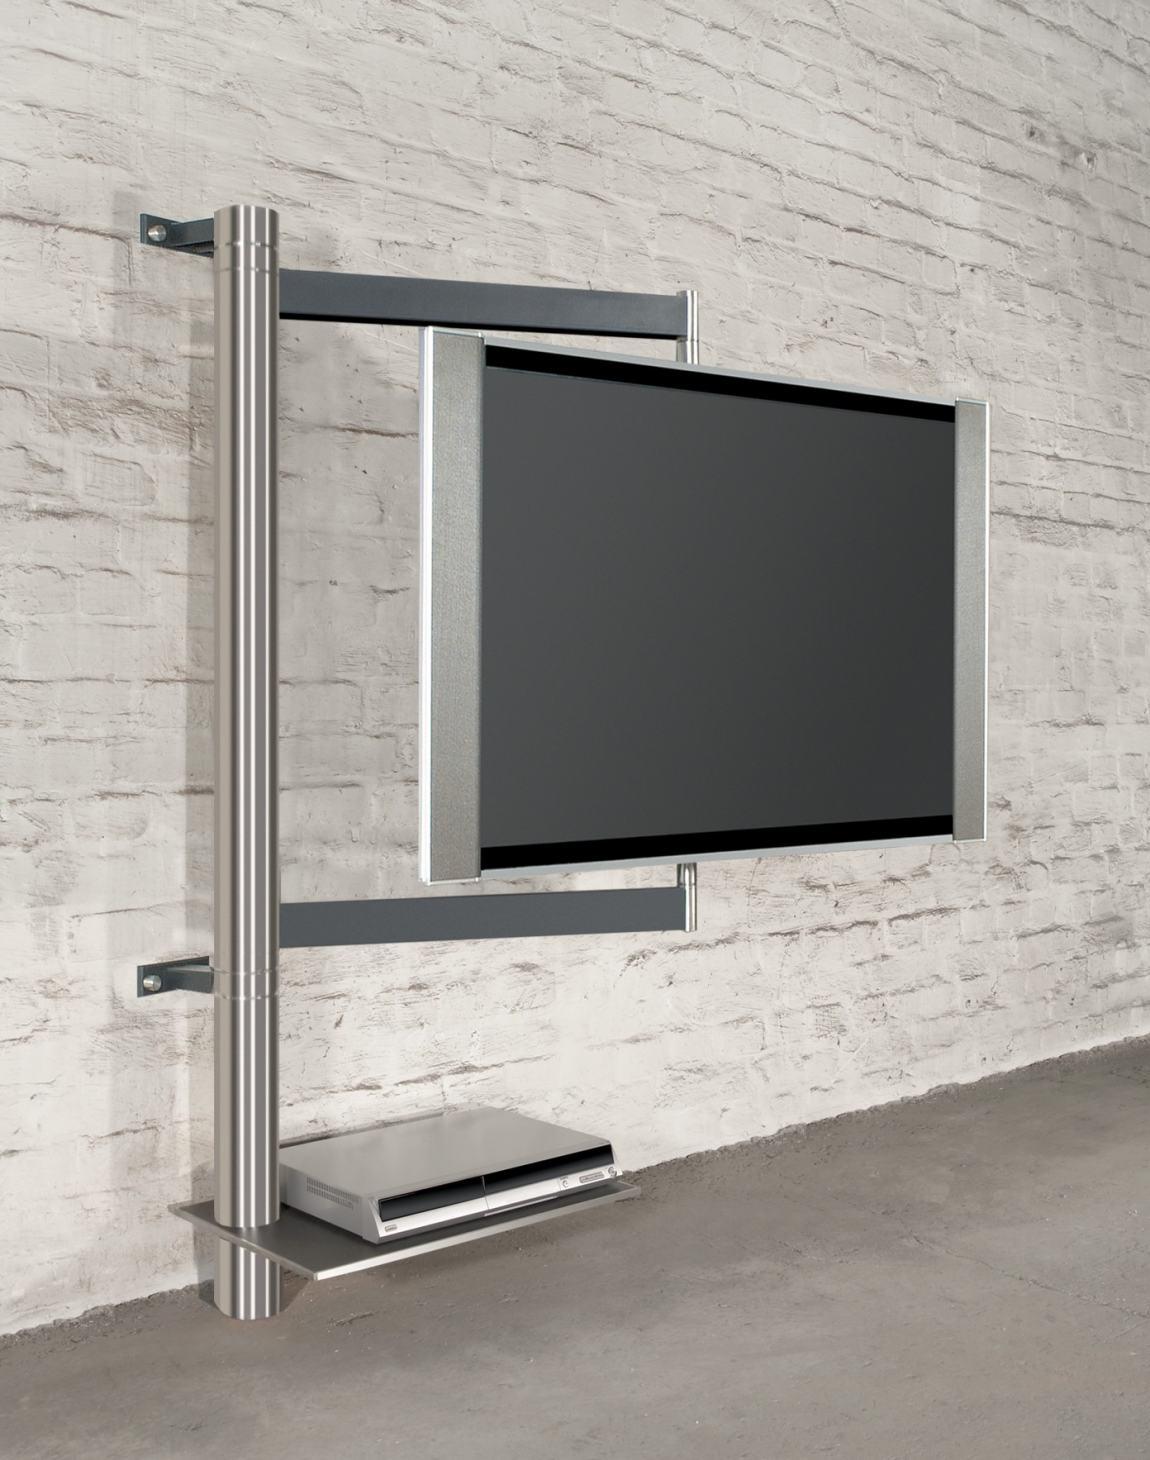 Trennwand Wohnzimmer Fernseher: Optimale groesse wohnzimmer ...